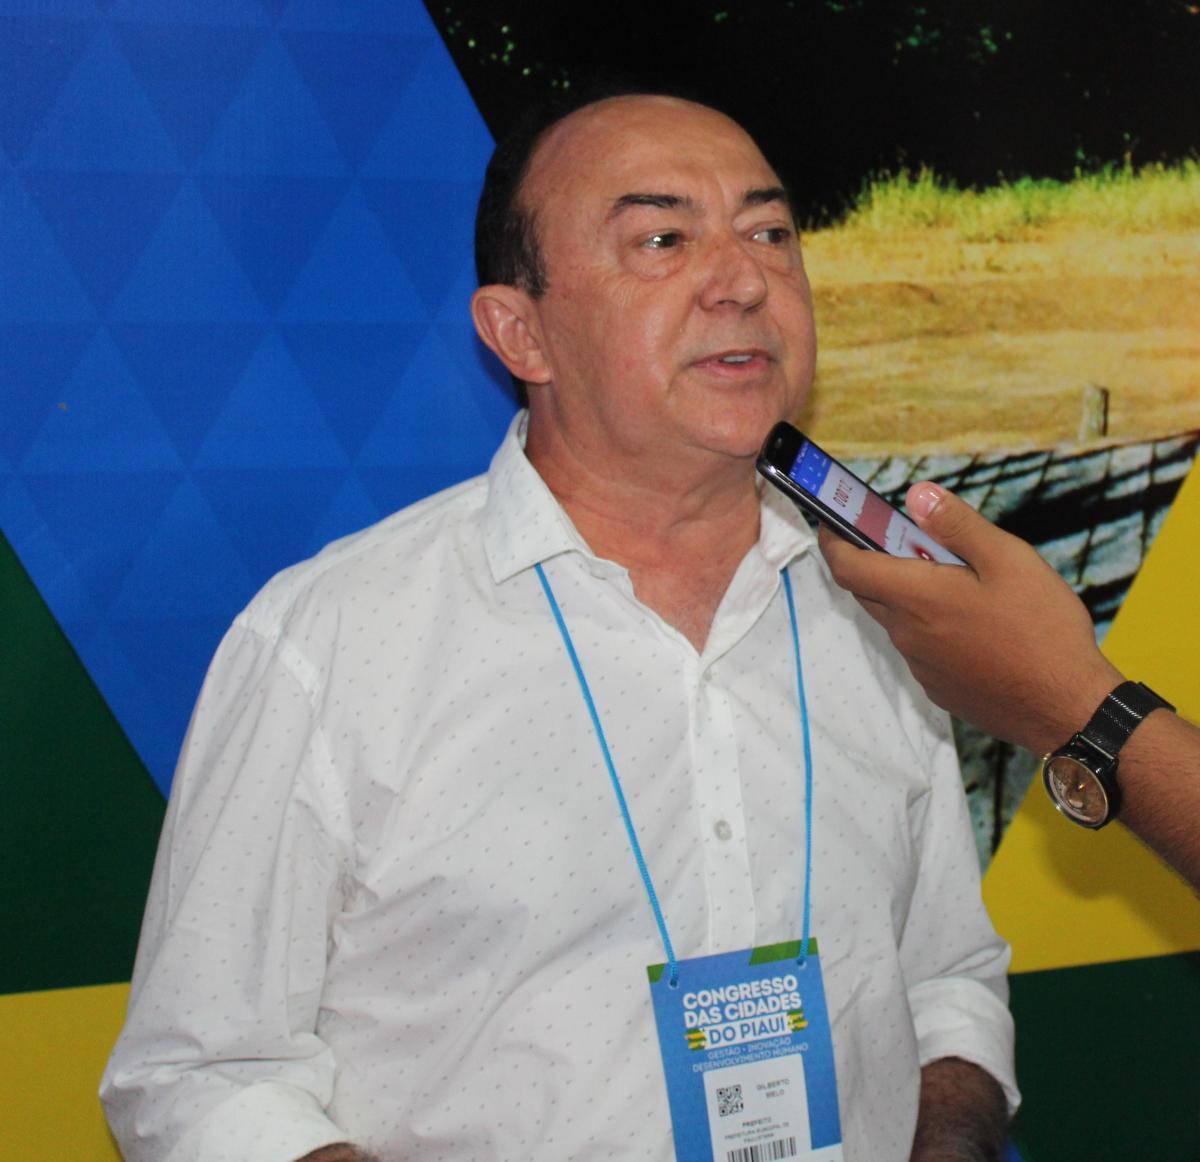 Prefeitura de Paulistana está com as contas em dias e é referência no Piauí